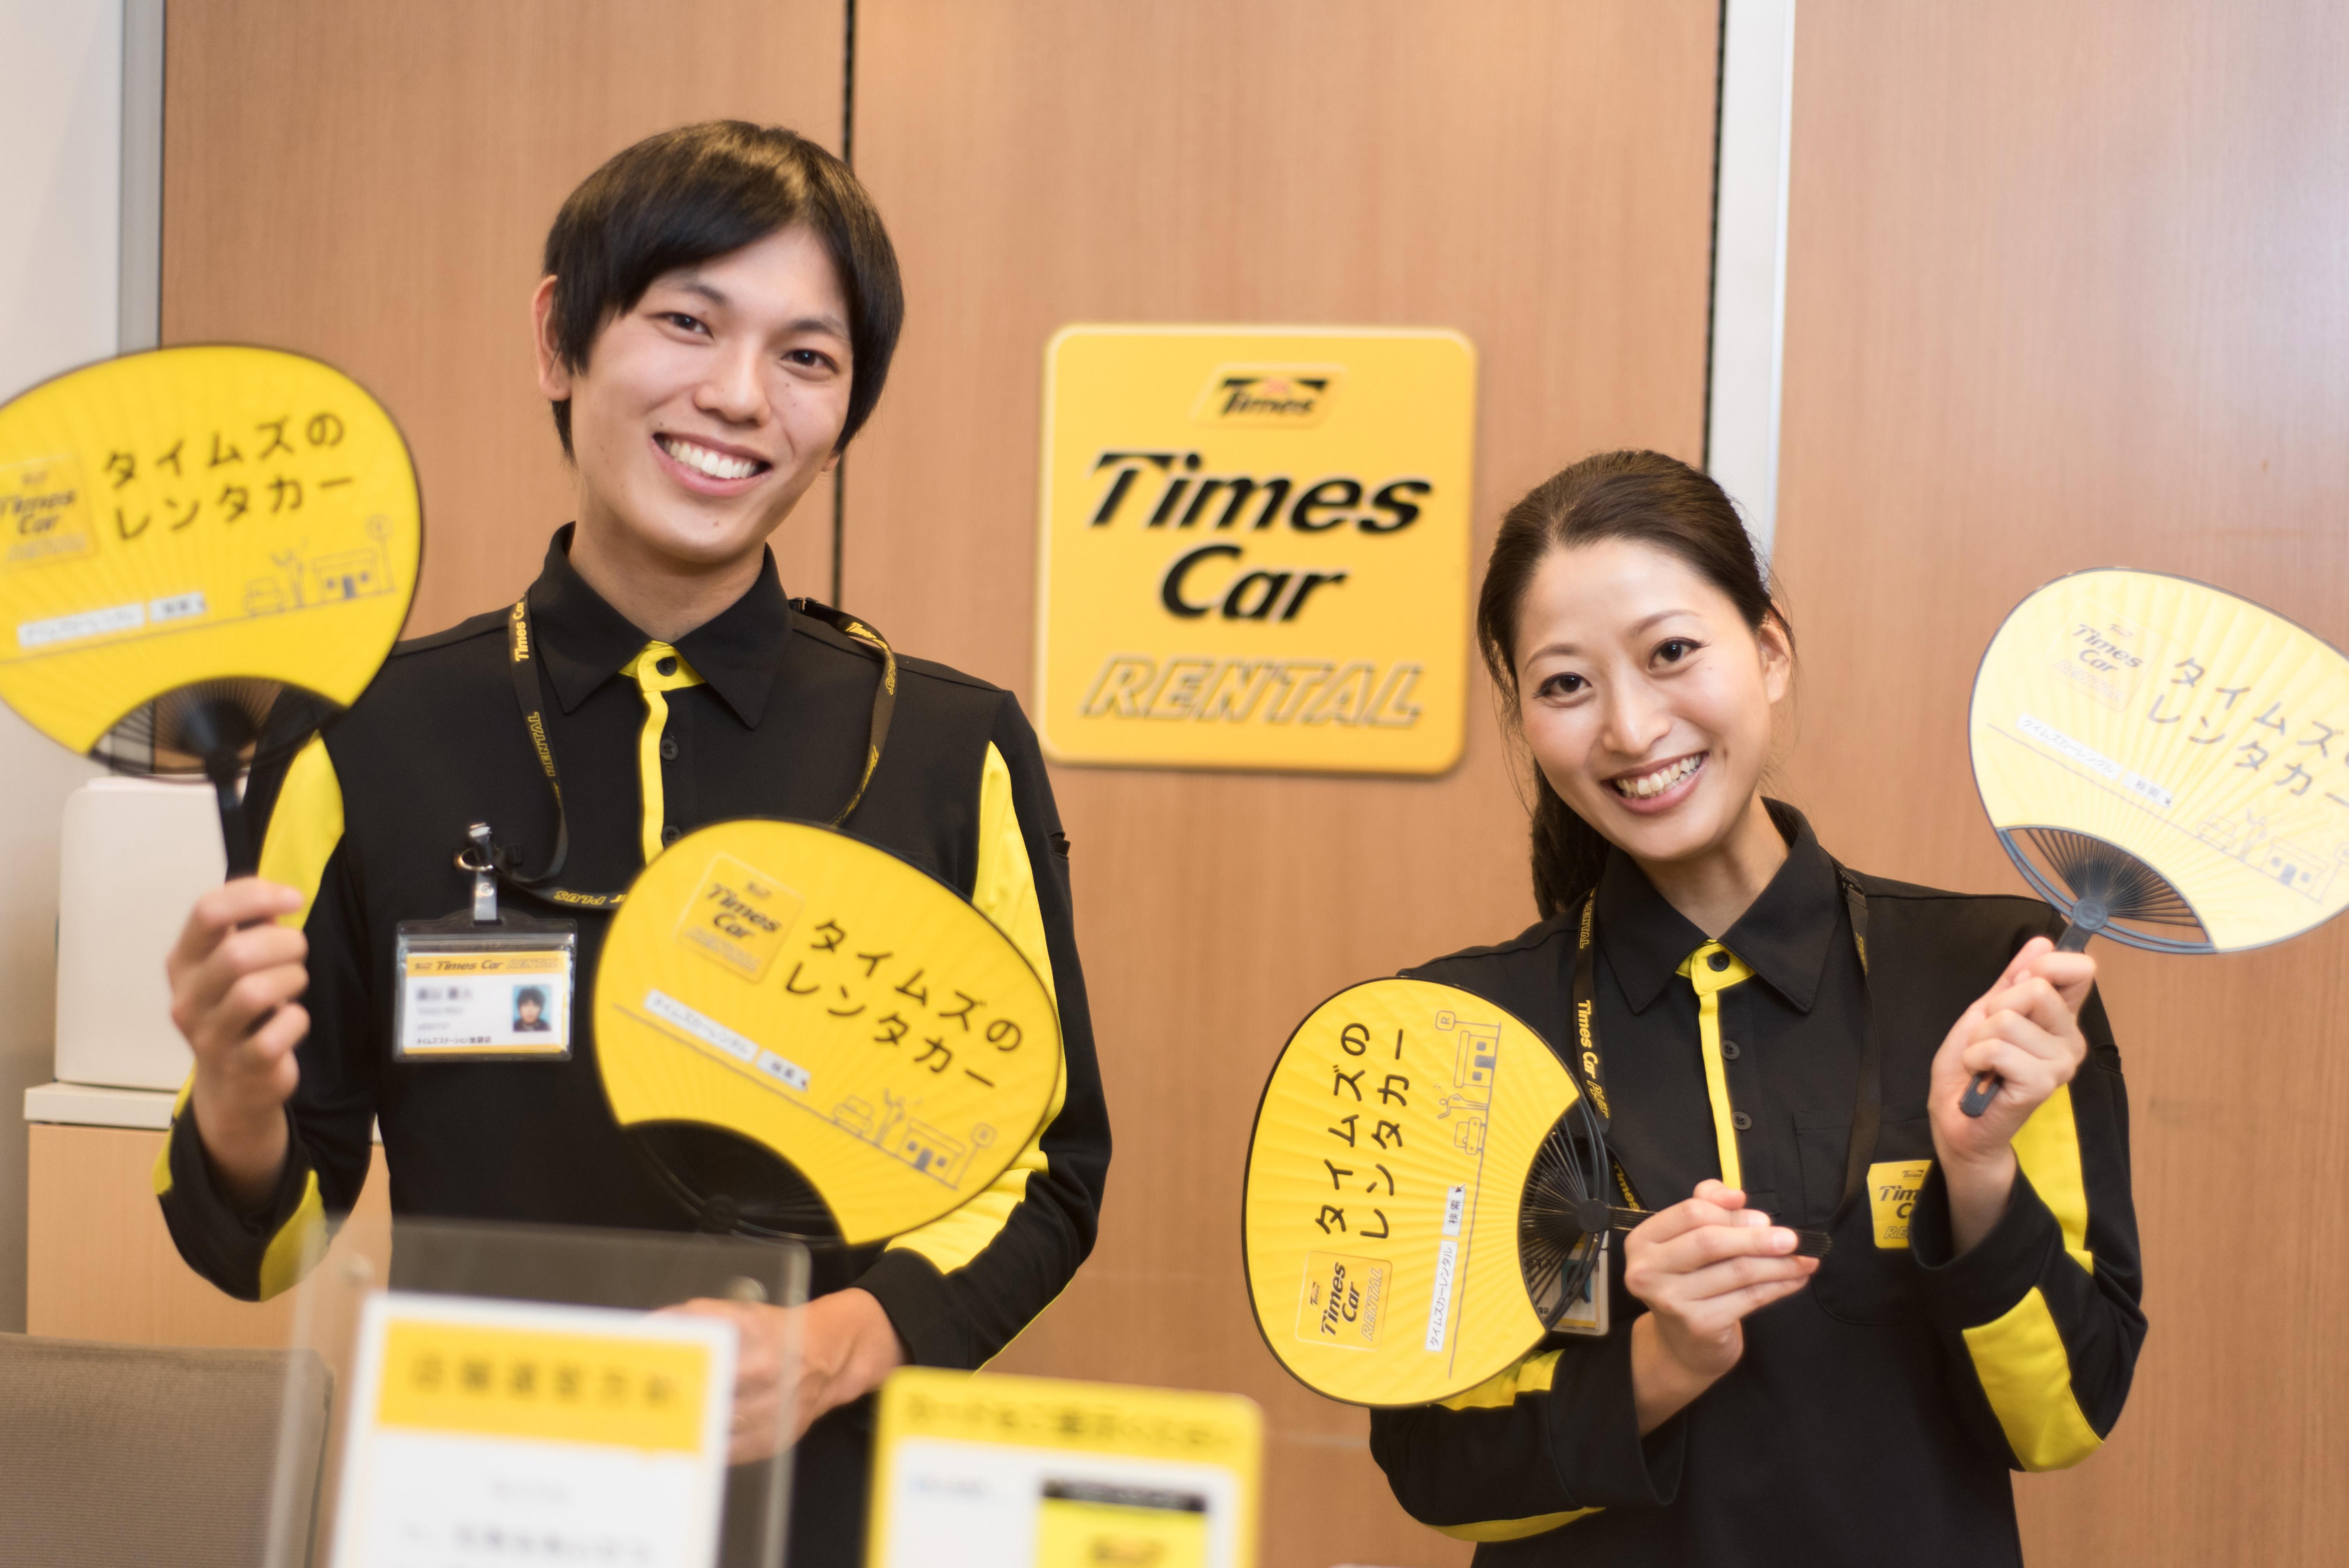 タイムズカーレンタル 帯広駅前店 のアルバイト情報